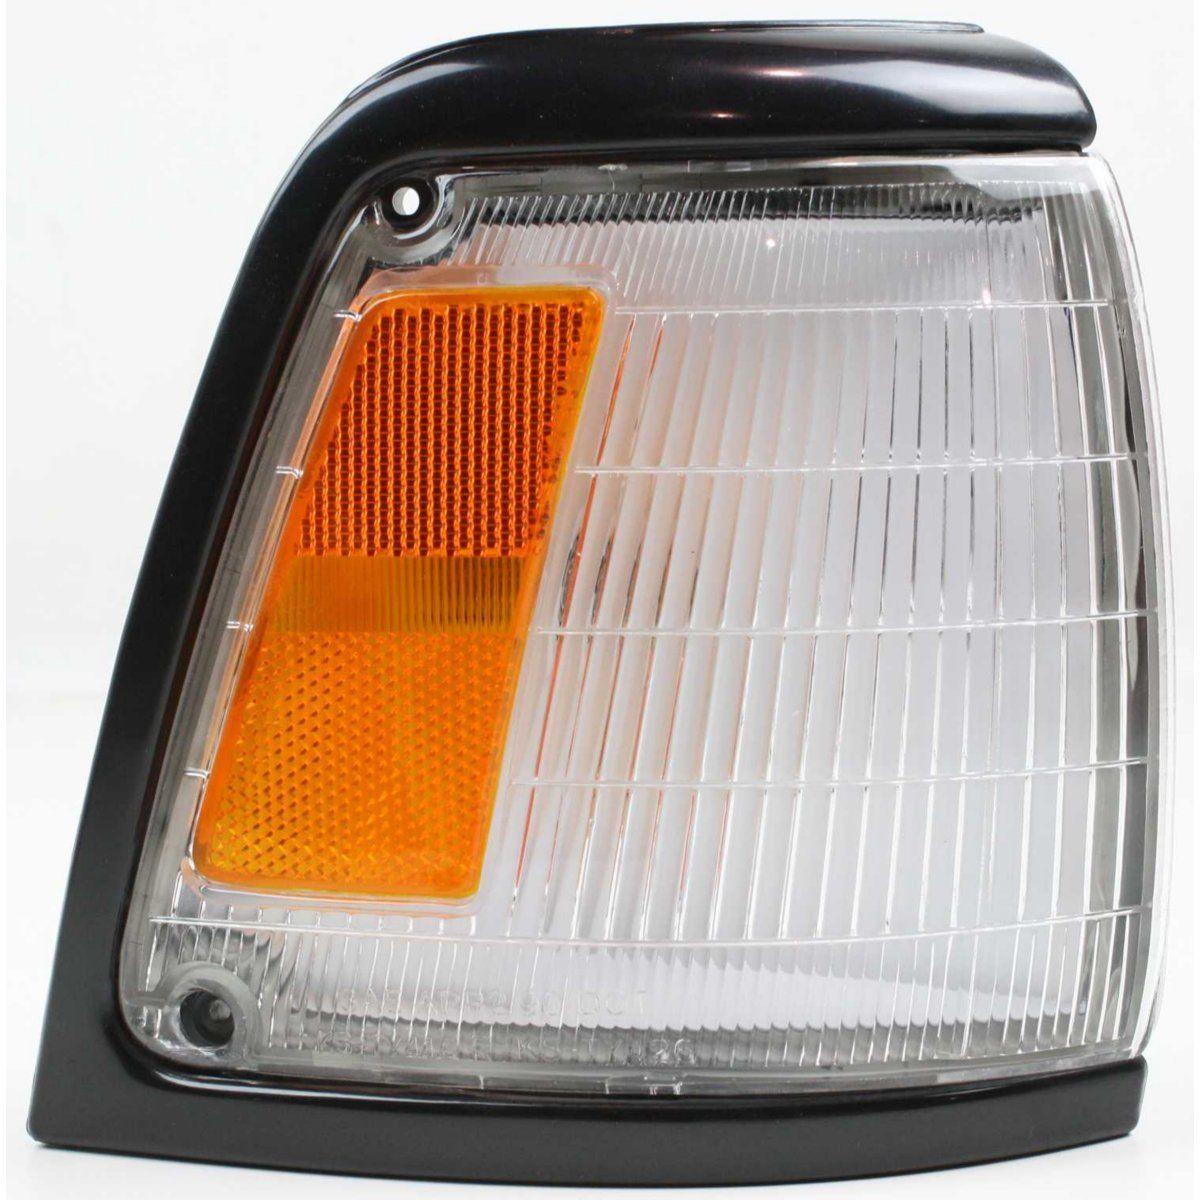 車用品・バイク用品 >> 車用品 >> パーツ >> ライト・ランプ >> その他 コーナーライト Corner Light For 92-95 Toyota Pickup w/ black trim Right Incandescent w/ Bulb コーナーライト92-95用トヨタピックアップ/ブラックトリム右白熱電球付き